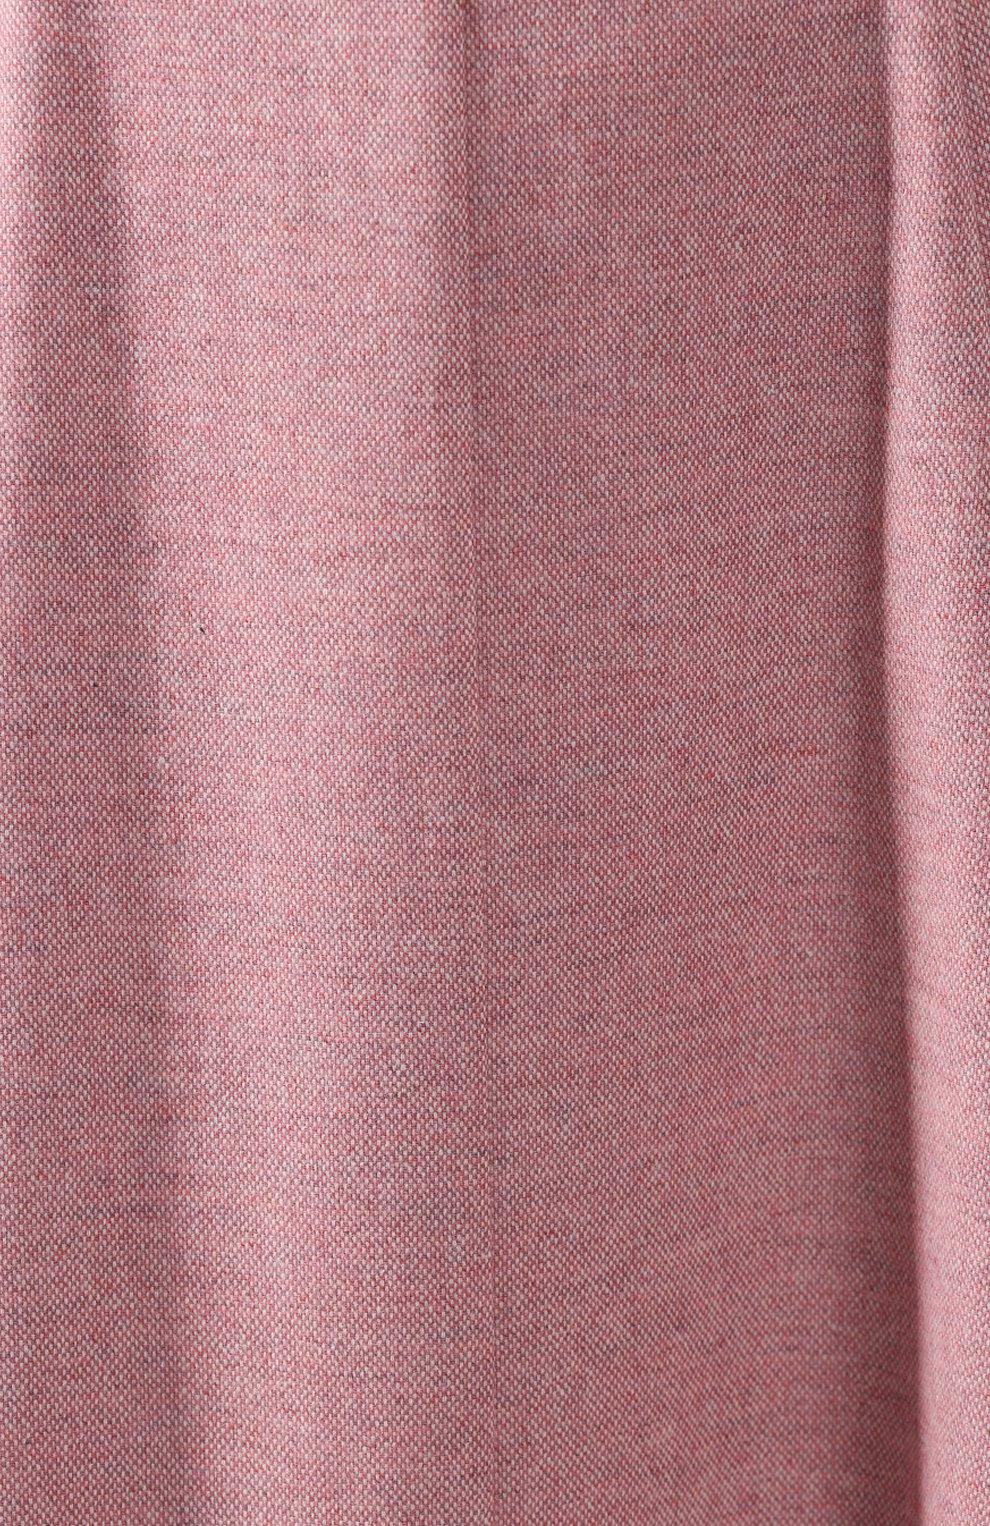 Женская шерстяная юбка ULYANA SERGEENKO розового цвета, арт. 0259р18 (GNM001FW19P)   Фото 5